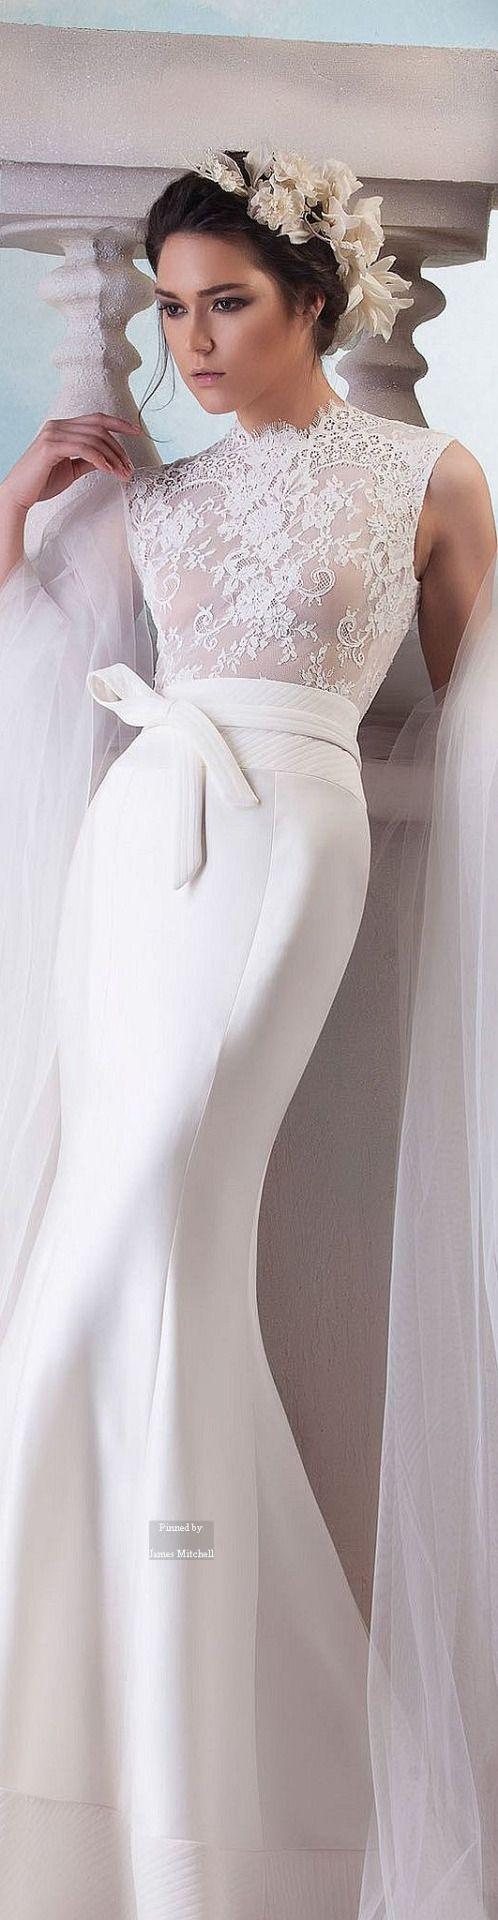 photo robe de mariée créateur pas cher 053 et plus encore sur www.robe2mariage.eu